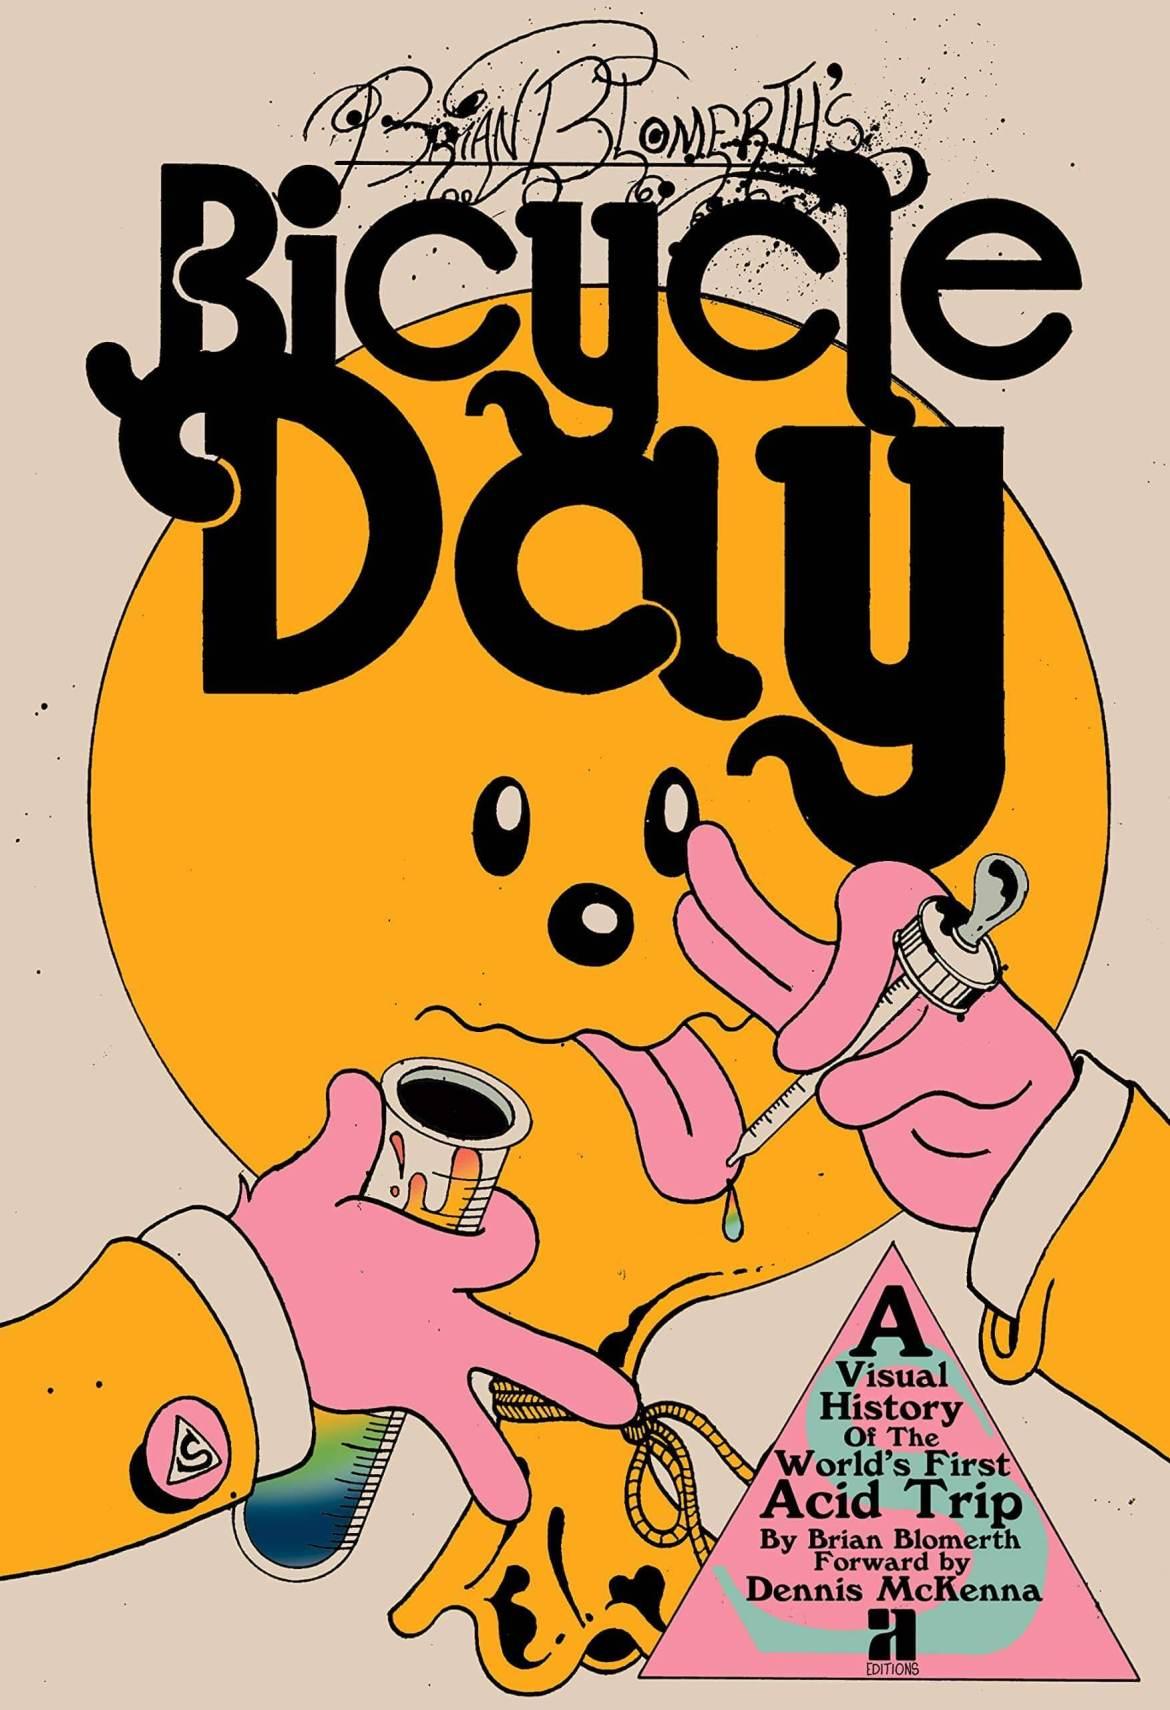 Día de bicicleta, ilustración de brian blomerth